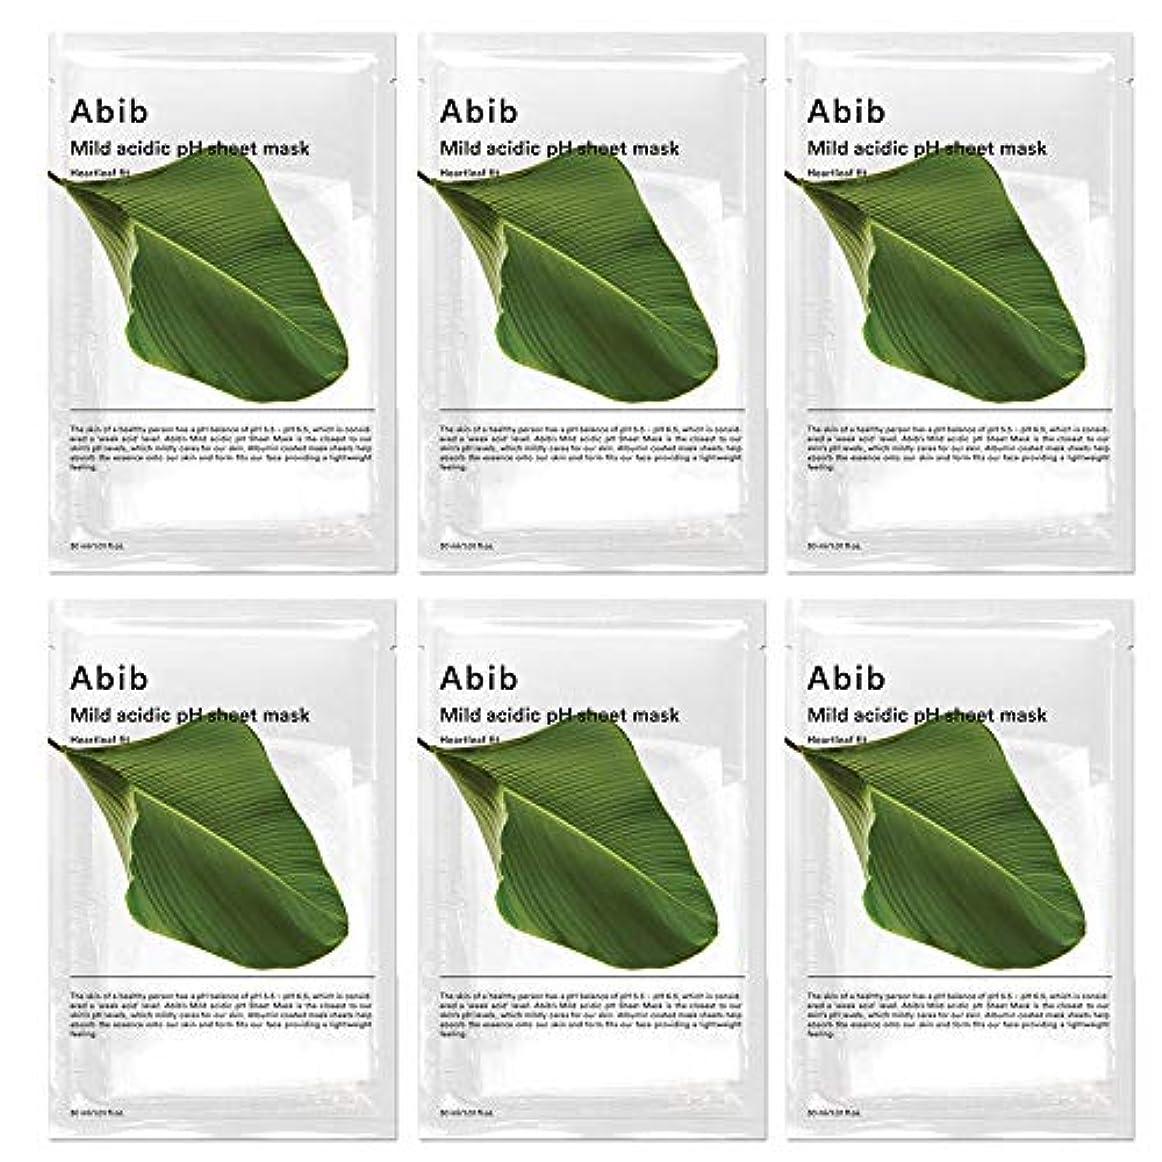 登場集団飛ぶABIB MILD ACIDIC pH SHEET MASK_ HEARTLEAF FIT/弱酸性phシートマスク ドクダミフィット(10枚)日本国内発送